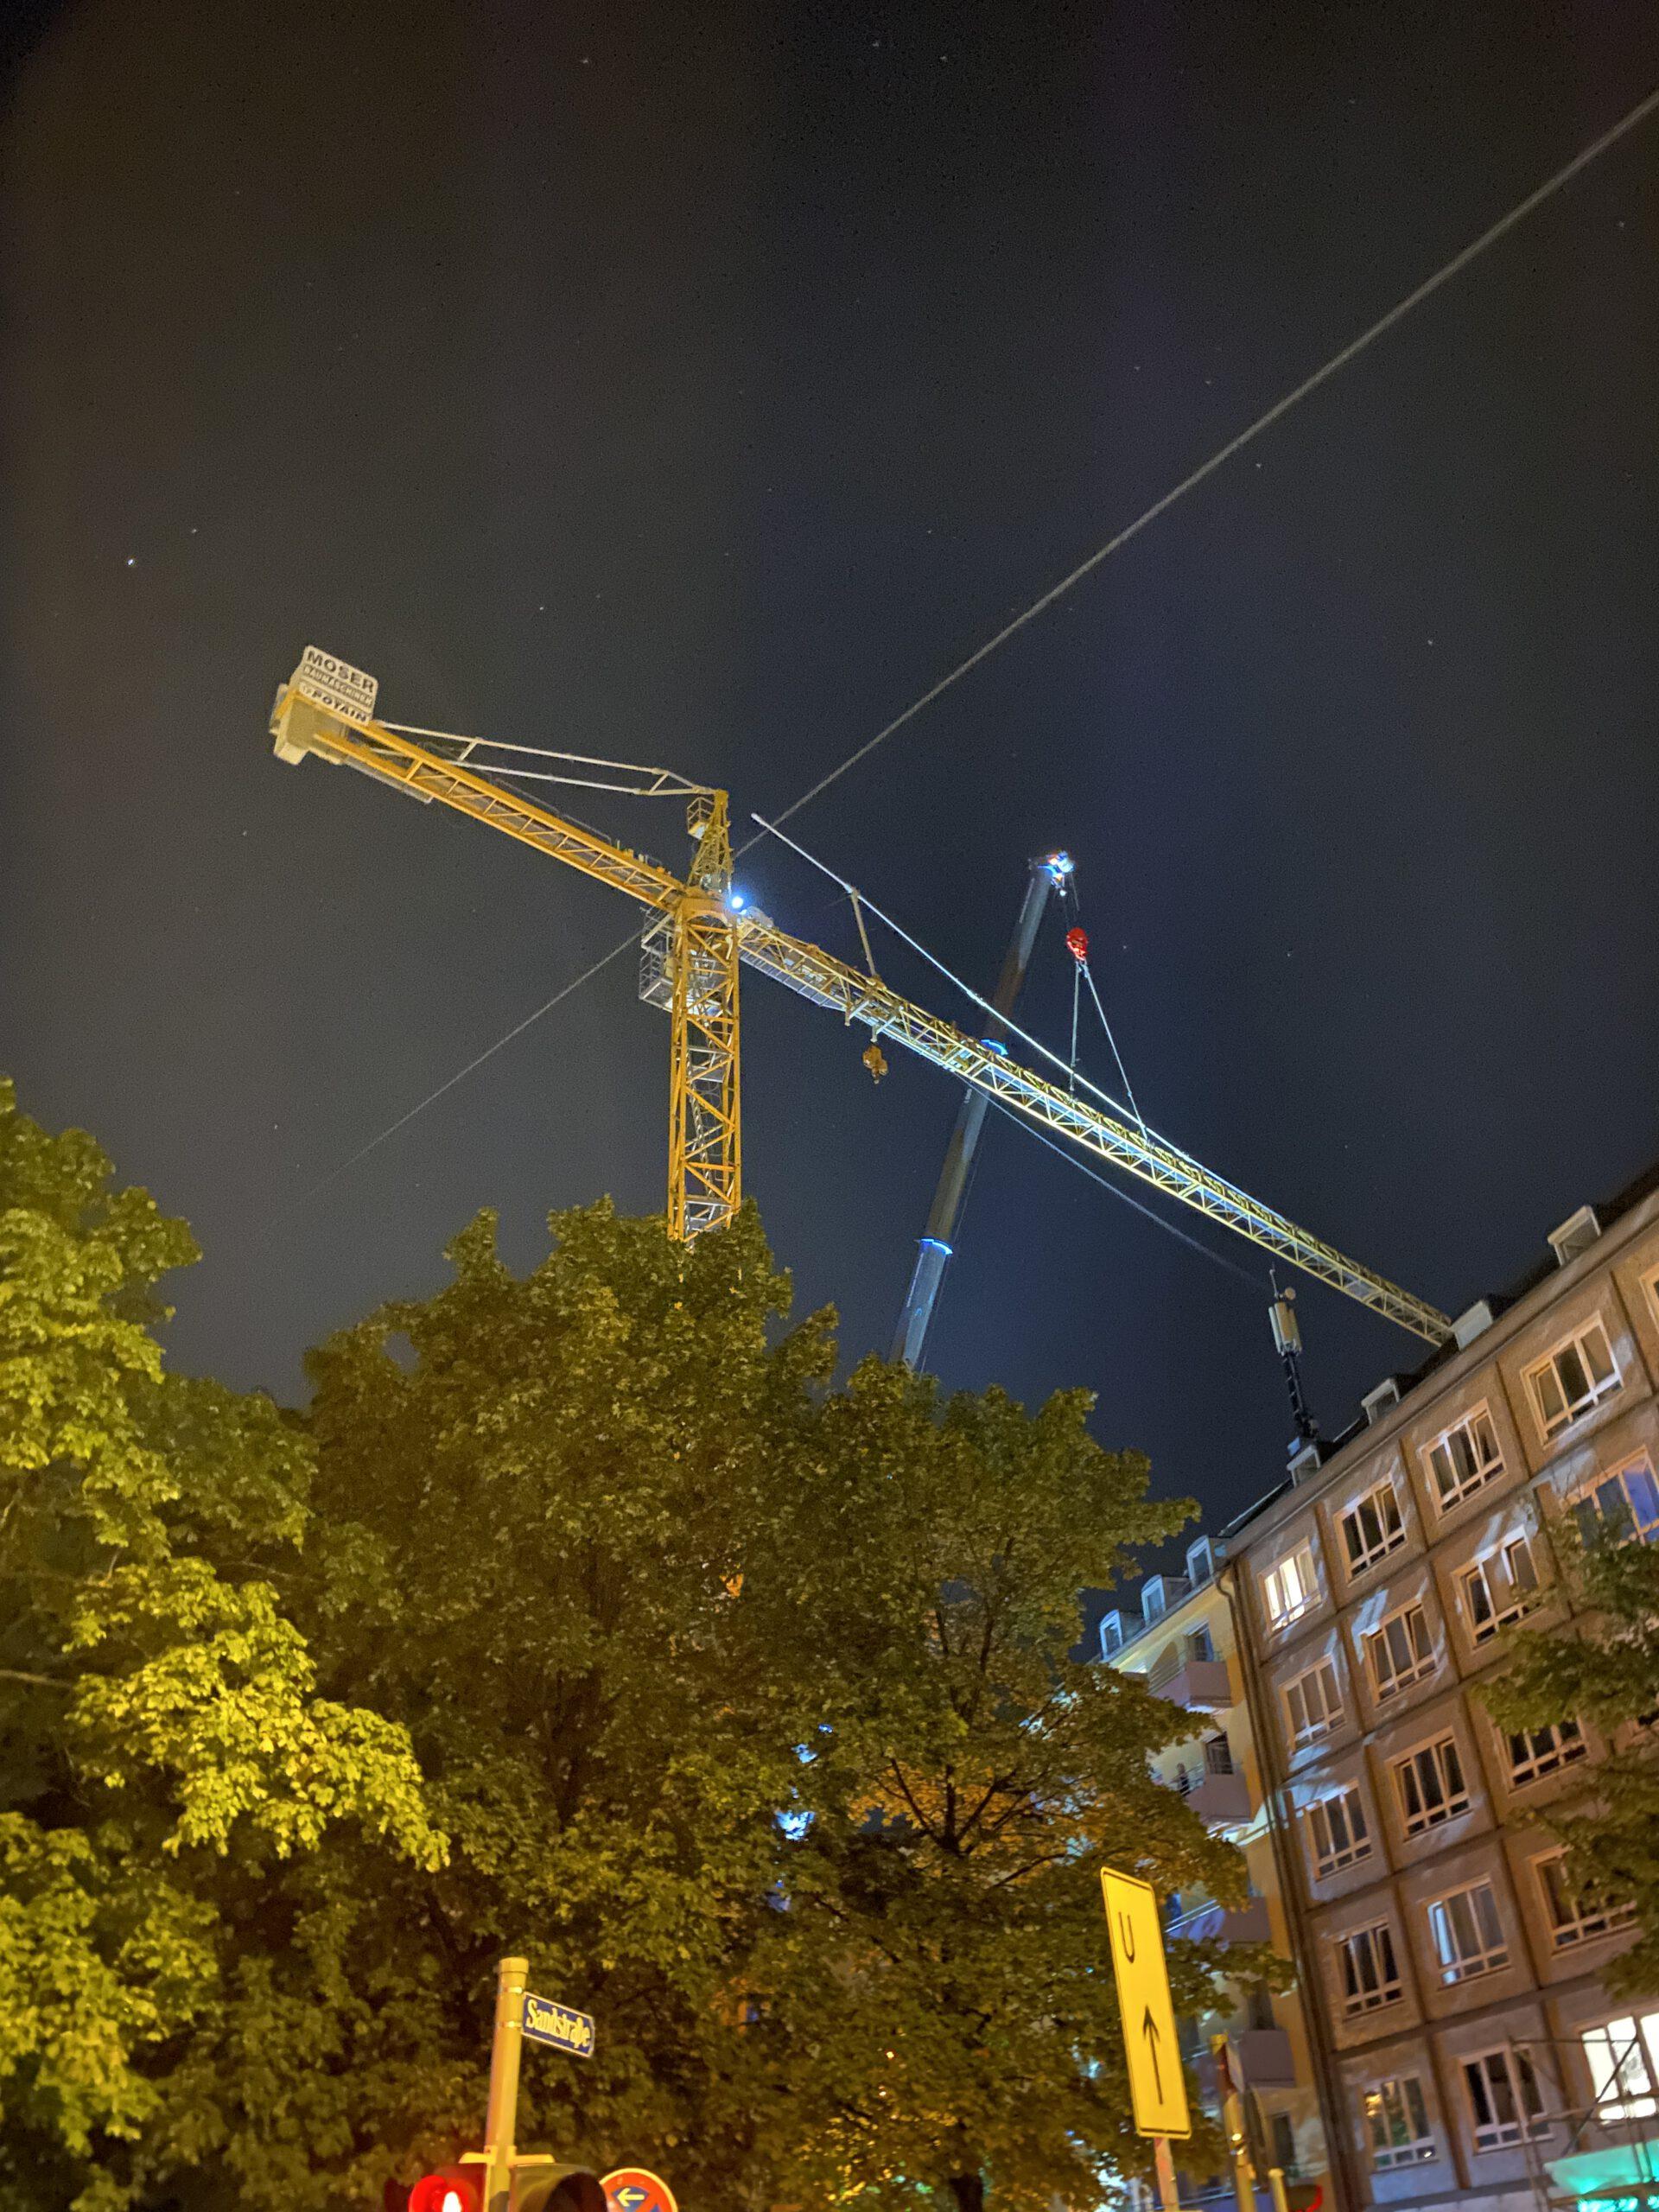 Kranaufbau Nacht München